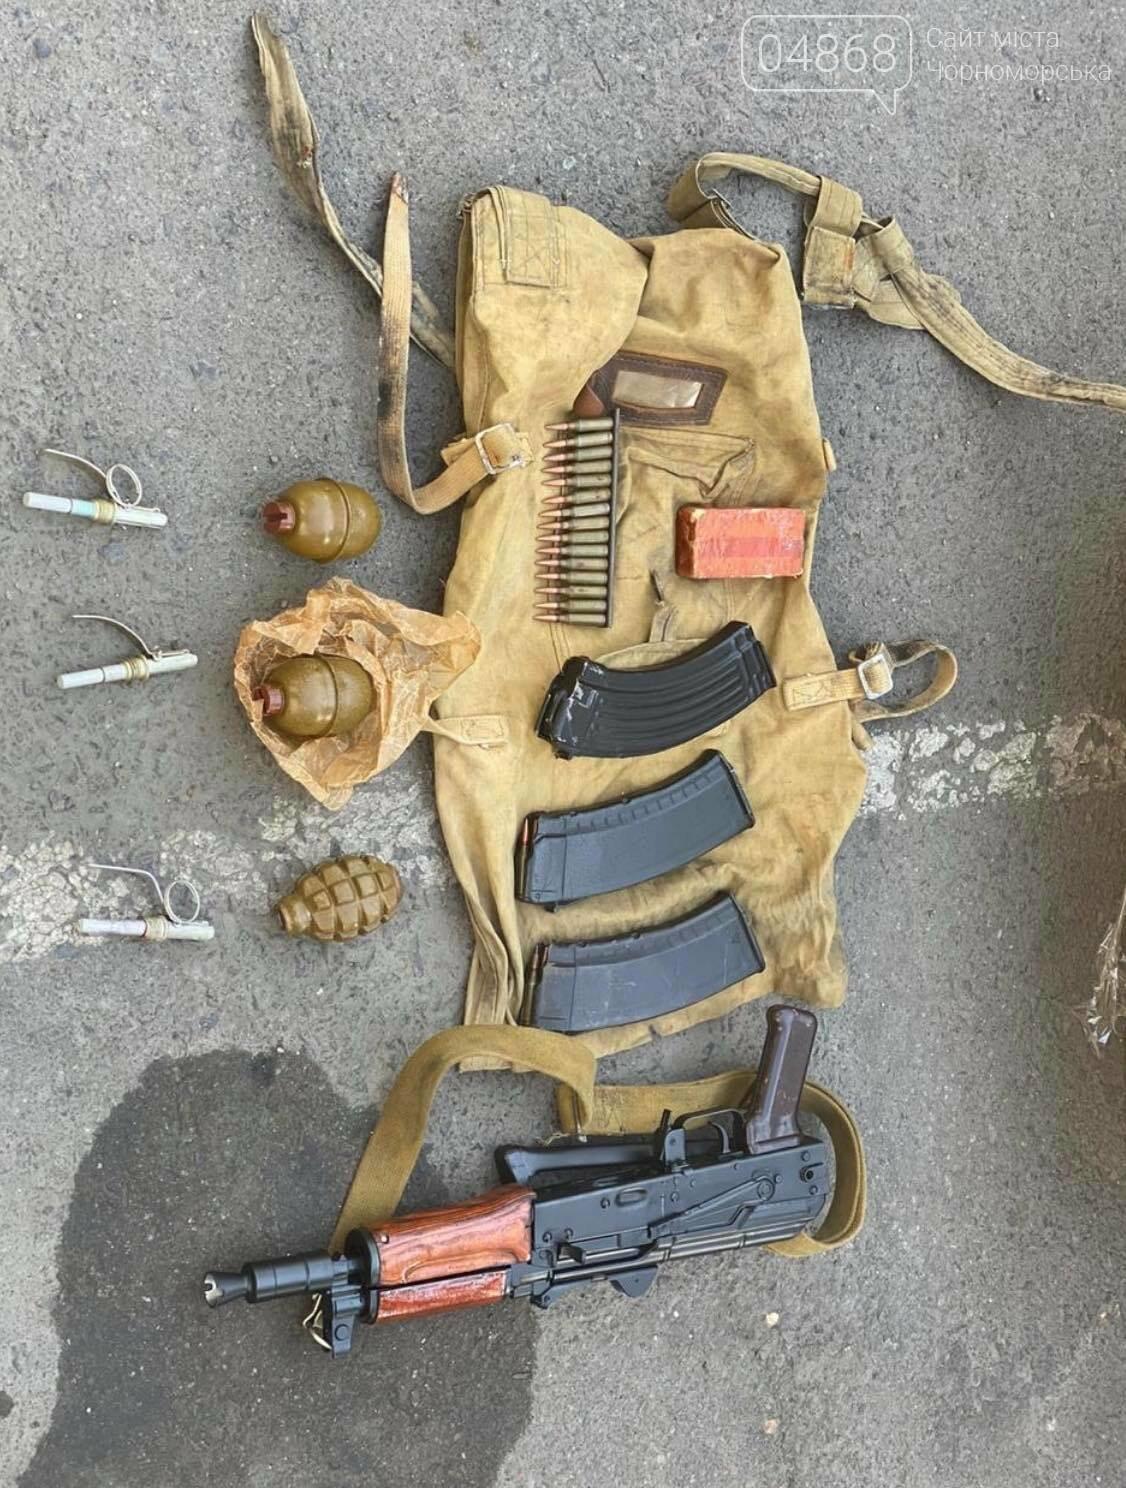 Полиция задержала военнослужащих за незаконную торговлю оружием, фото-3